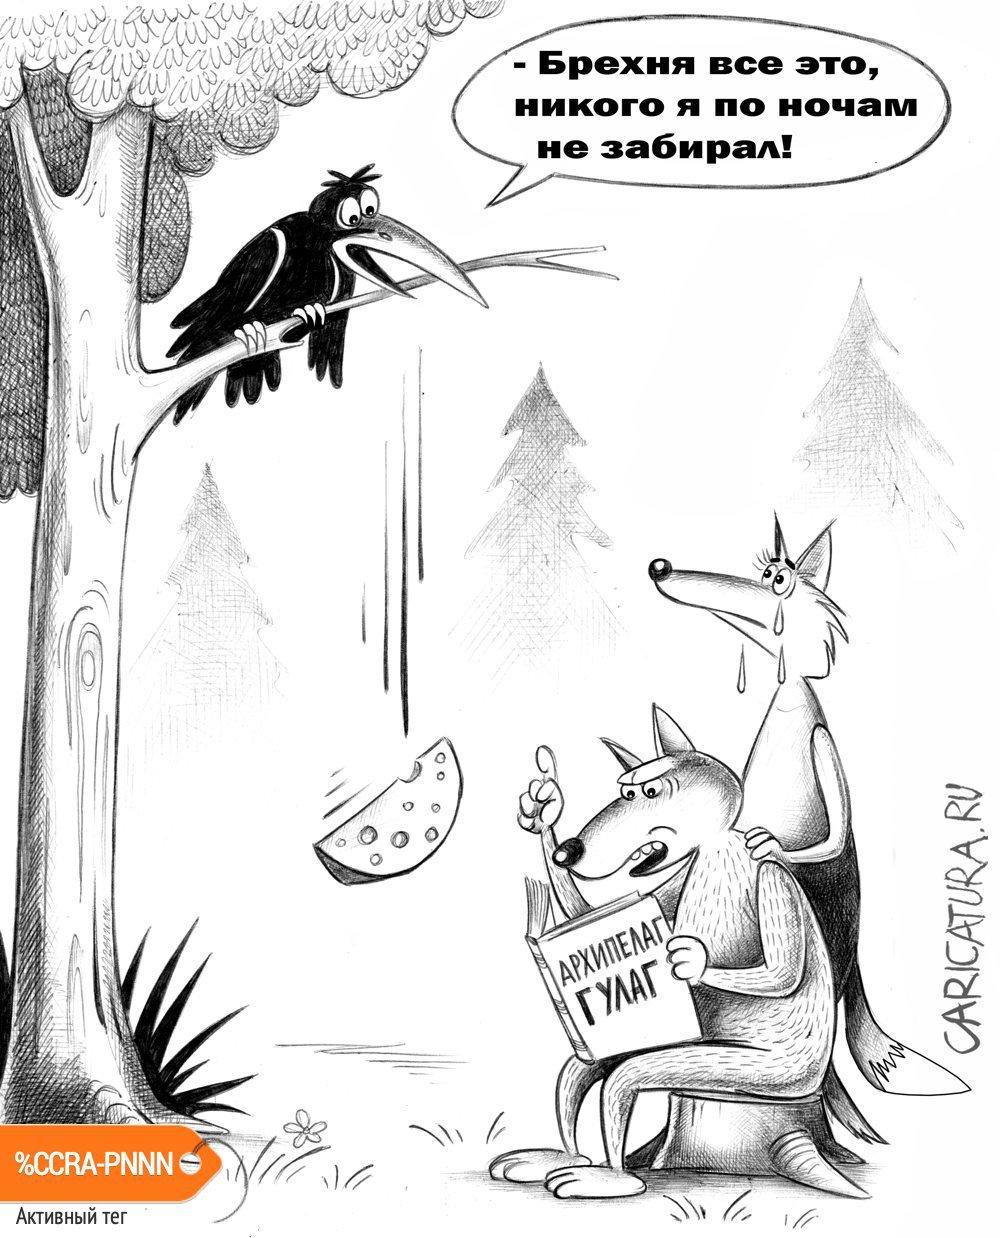 Брехня, Сергей Корсун